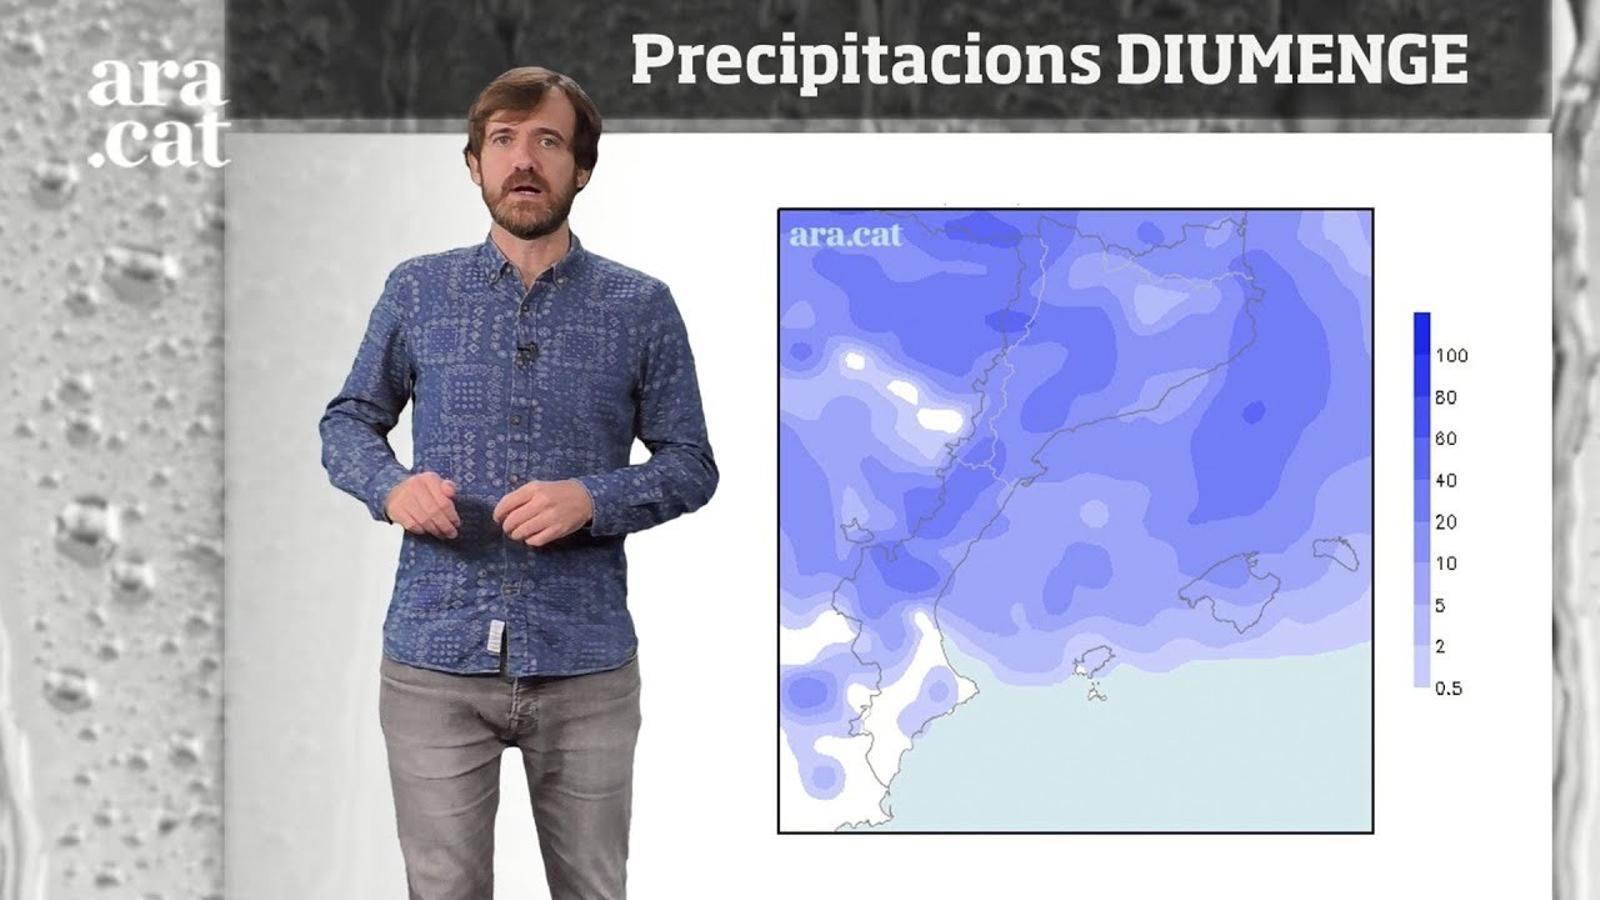 La méteo en 1 minut: nova tongada de pluges de cara a diumenge